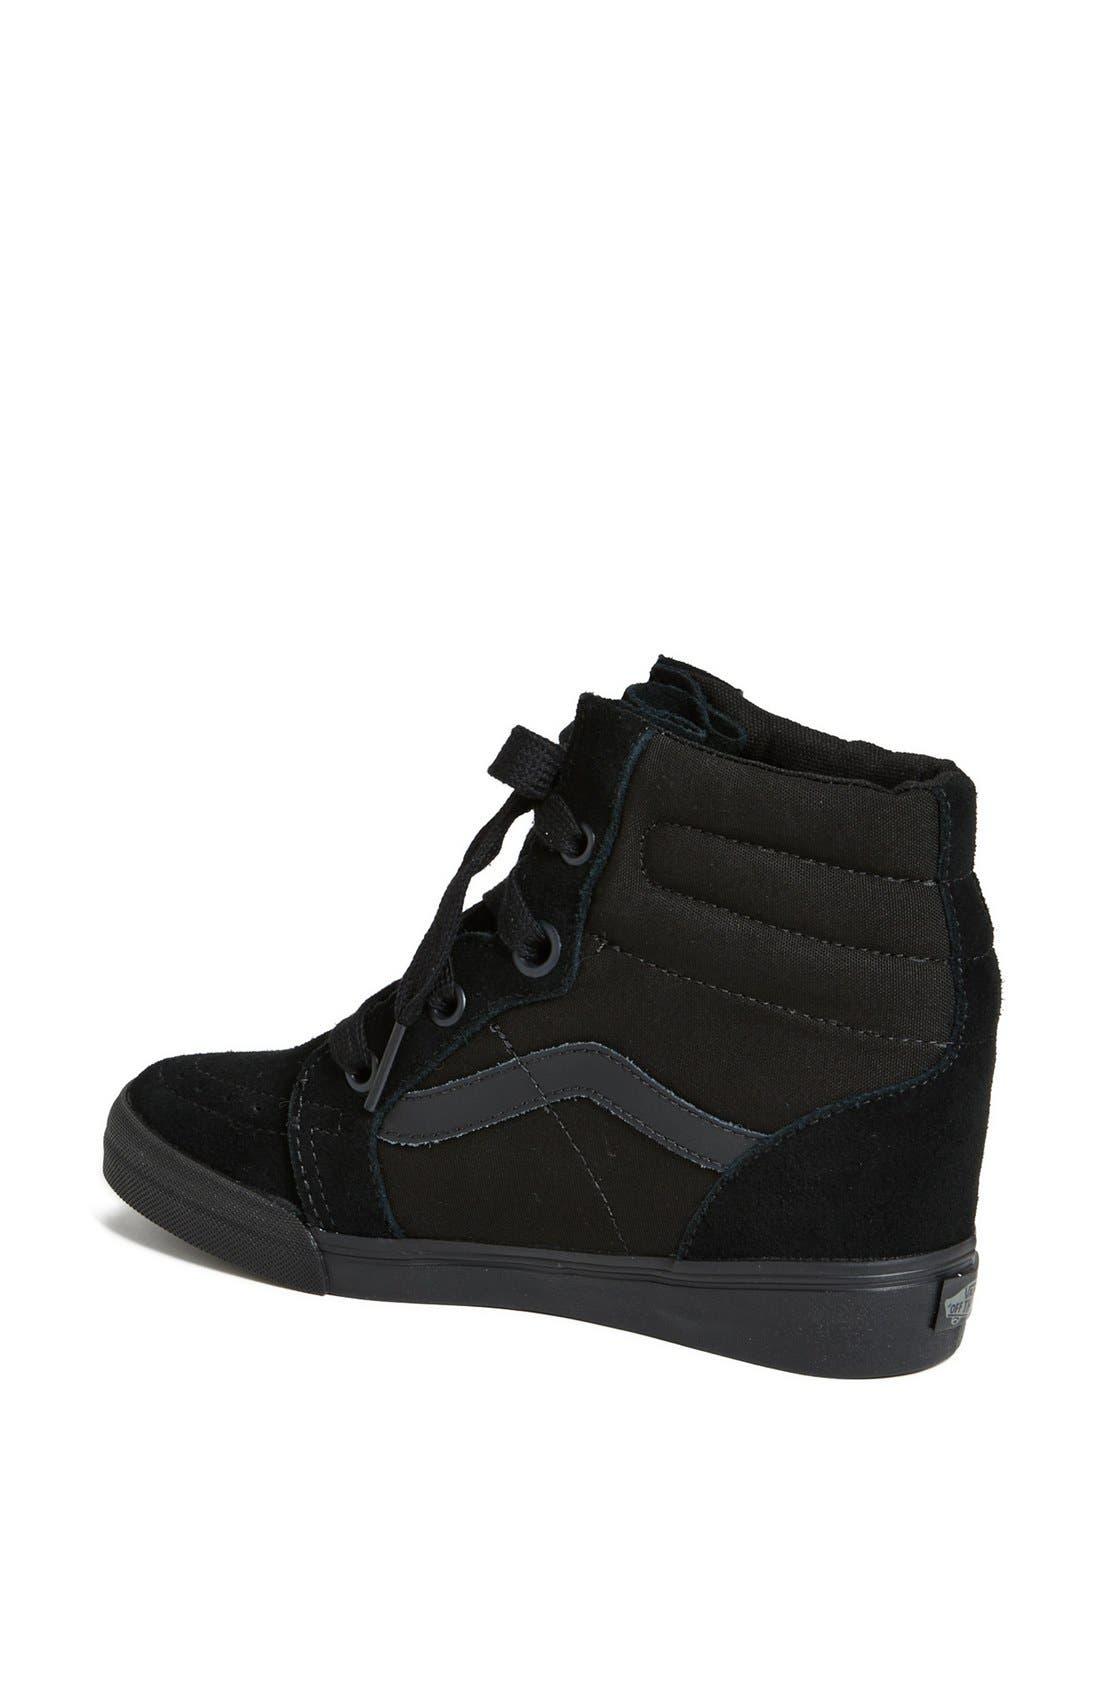 Alternate Image 2  - Vans 'Sk8 Hi' Wedge Sneaker (Women)